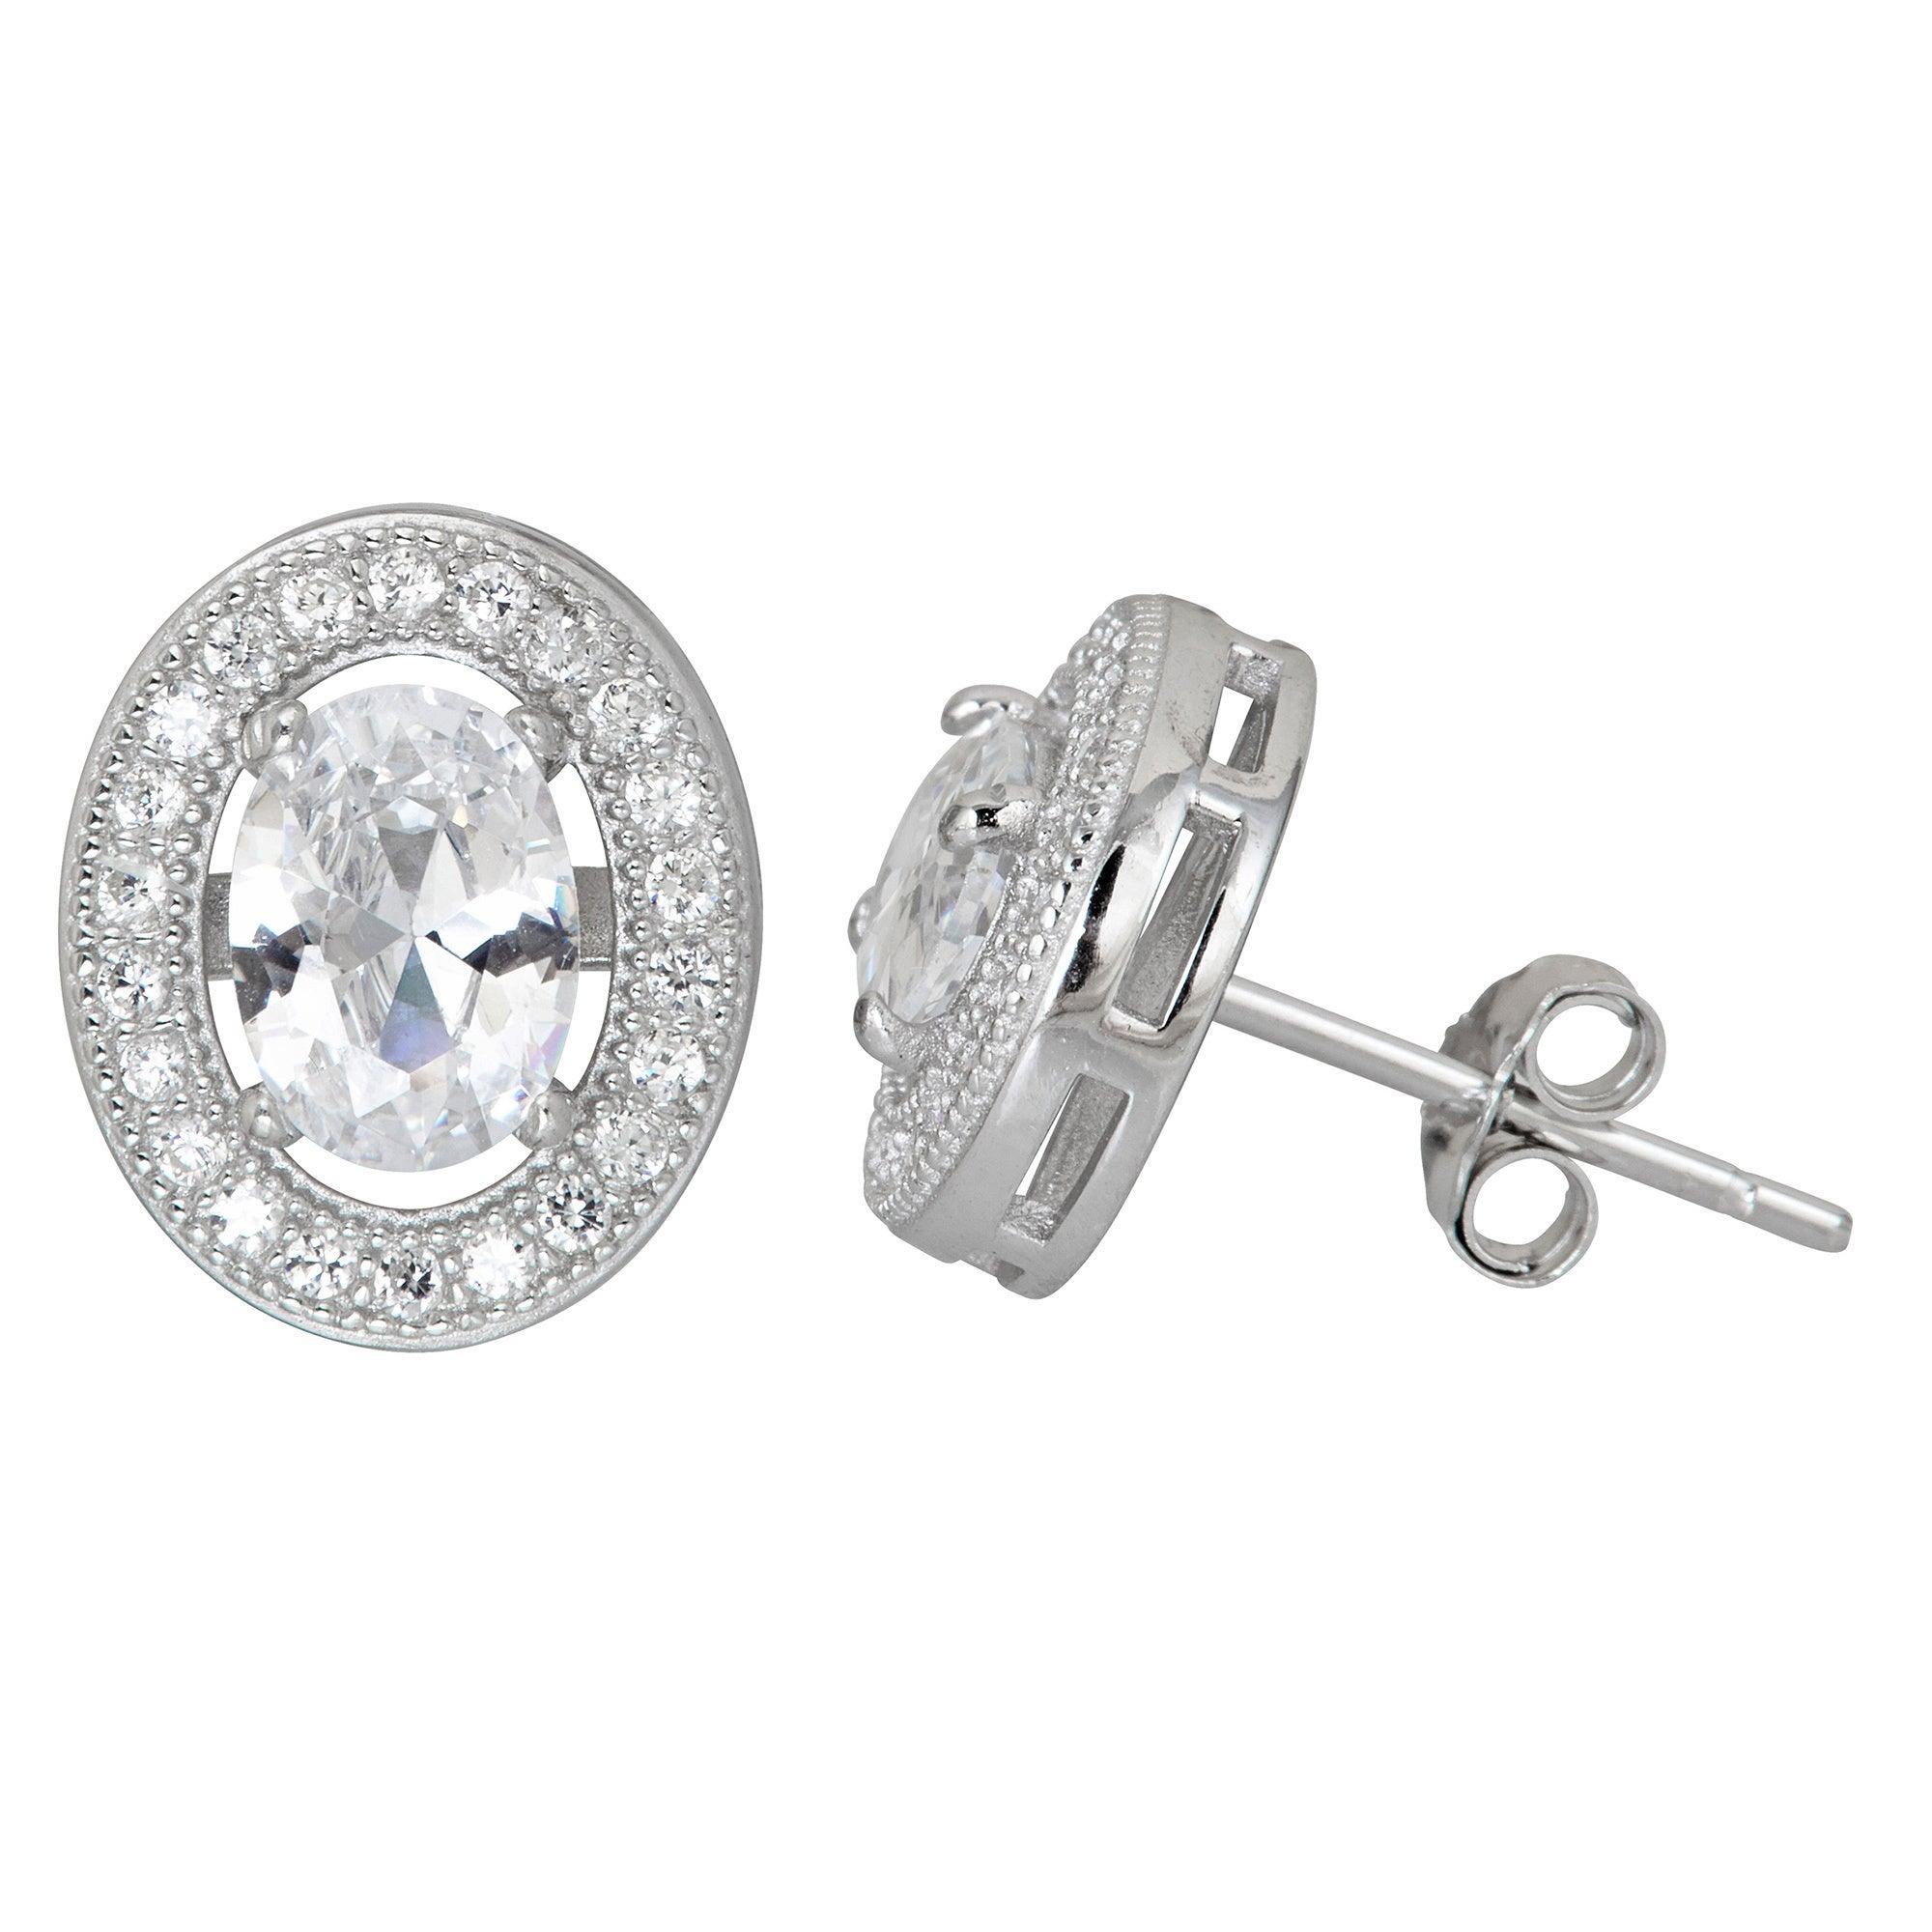 Sterling Silver Cubic Zirconia Oval Halo Stud Earrings